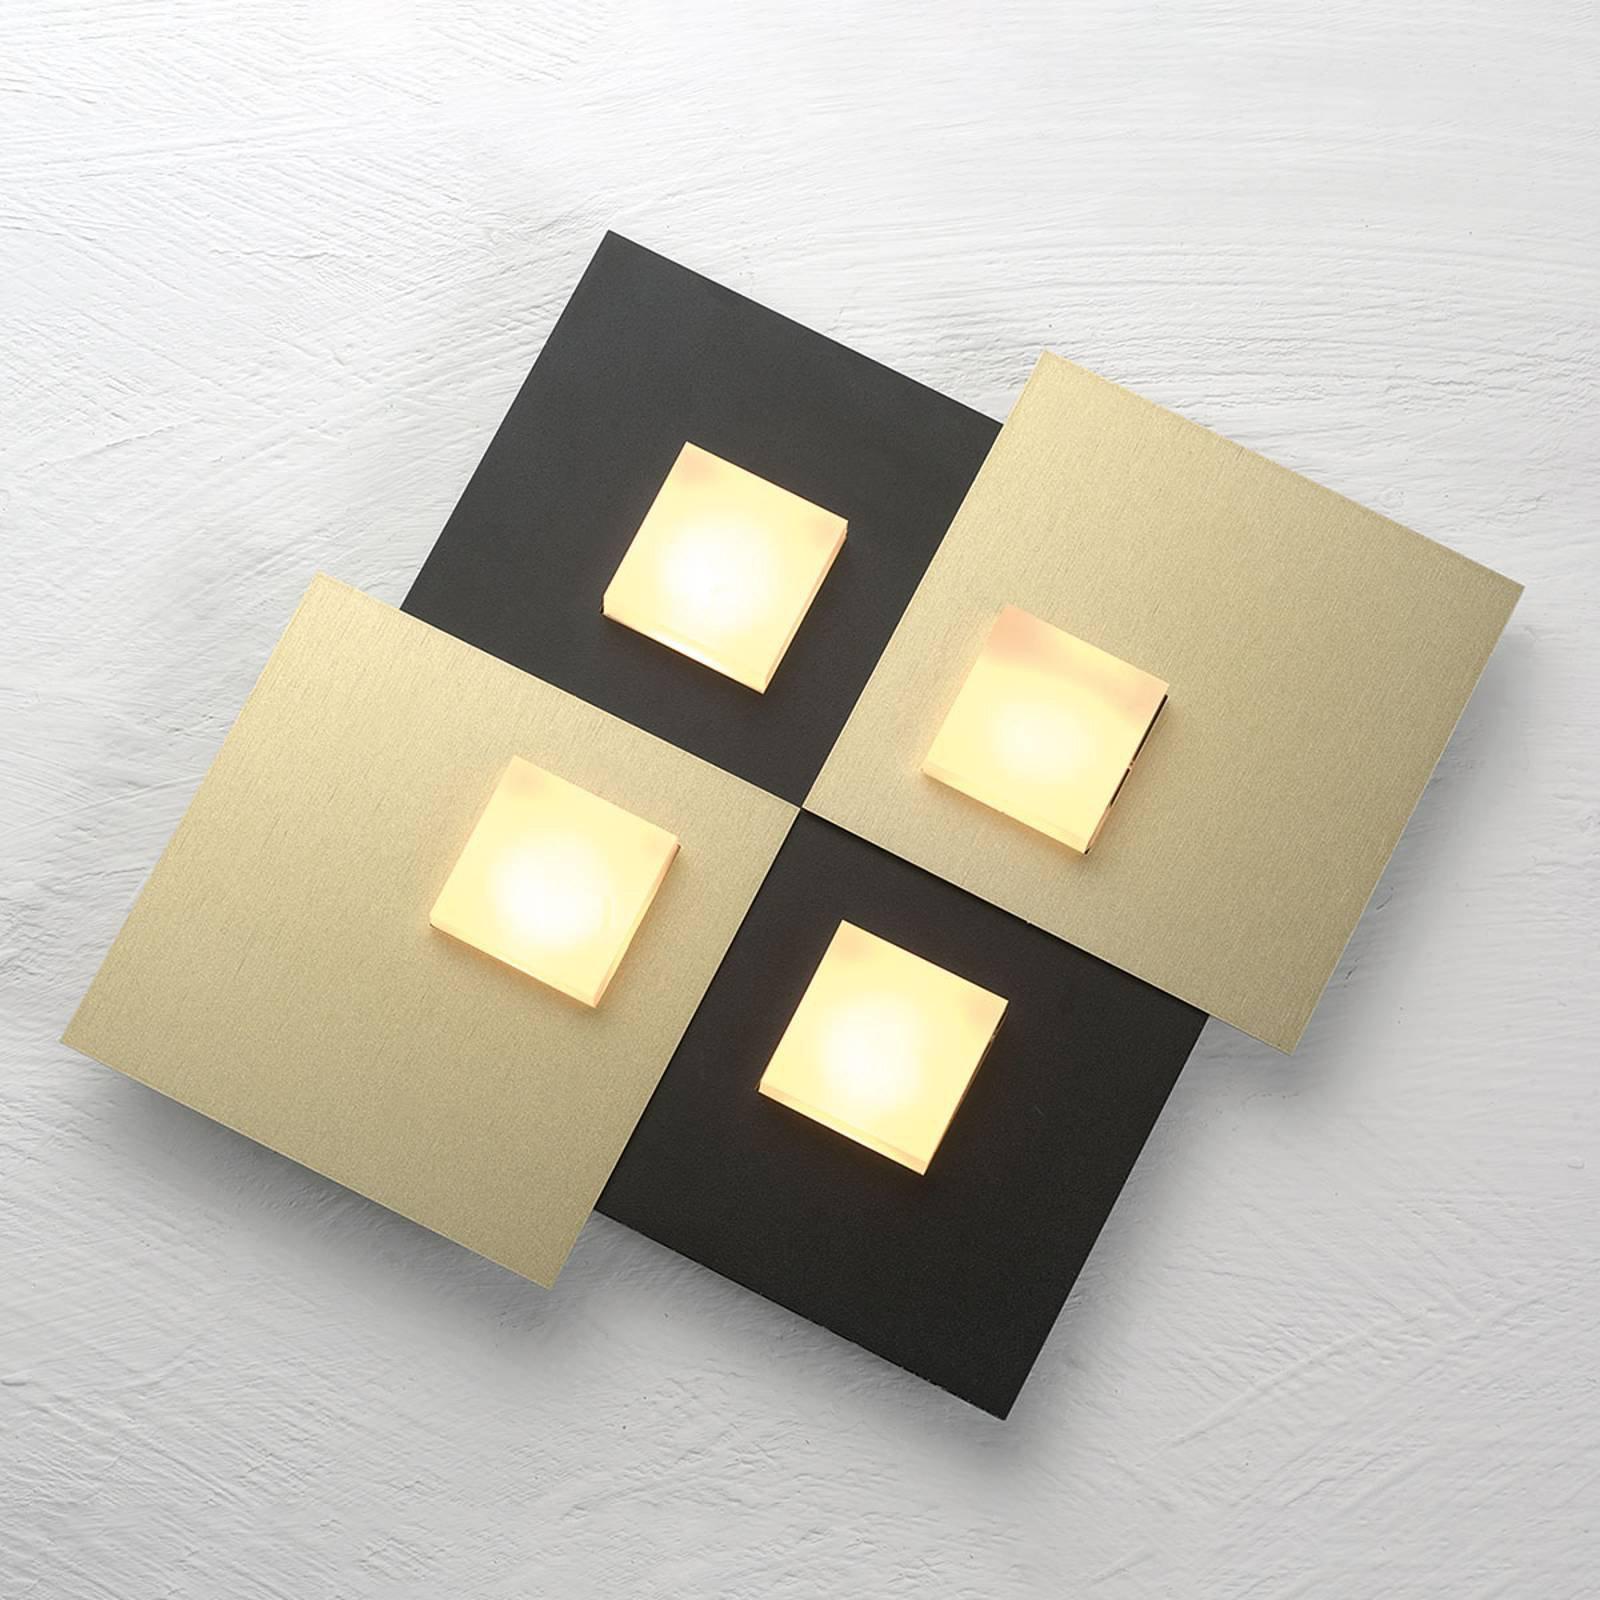 Bopp Pixel 4.0 LED-taklampe 2 lyskilder svart